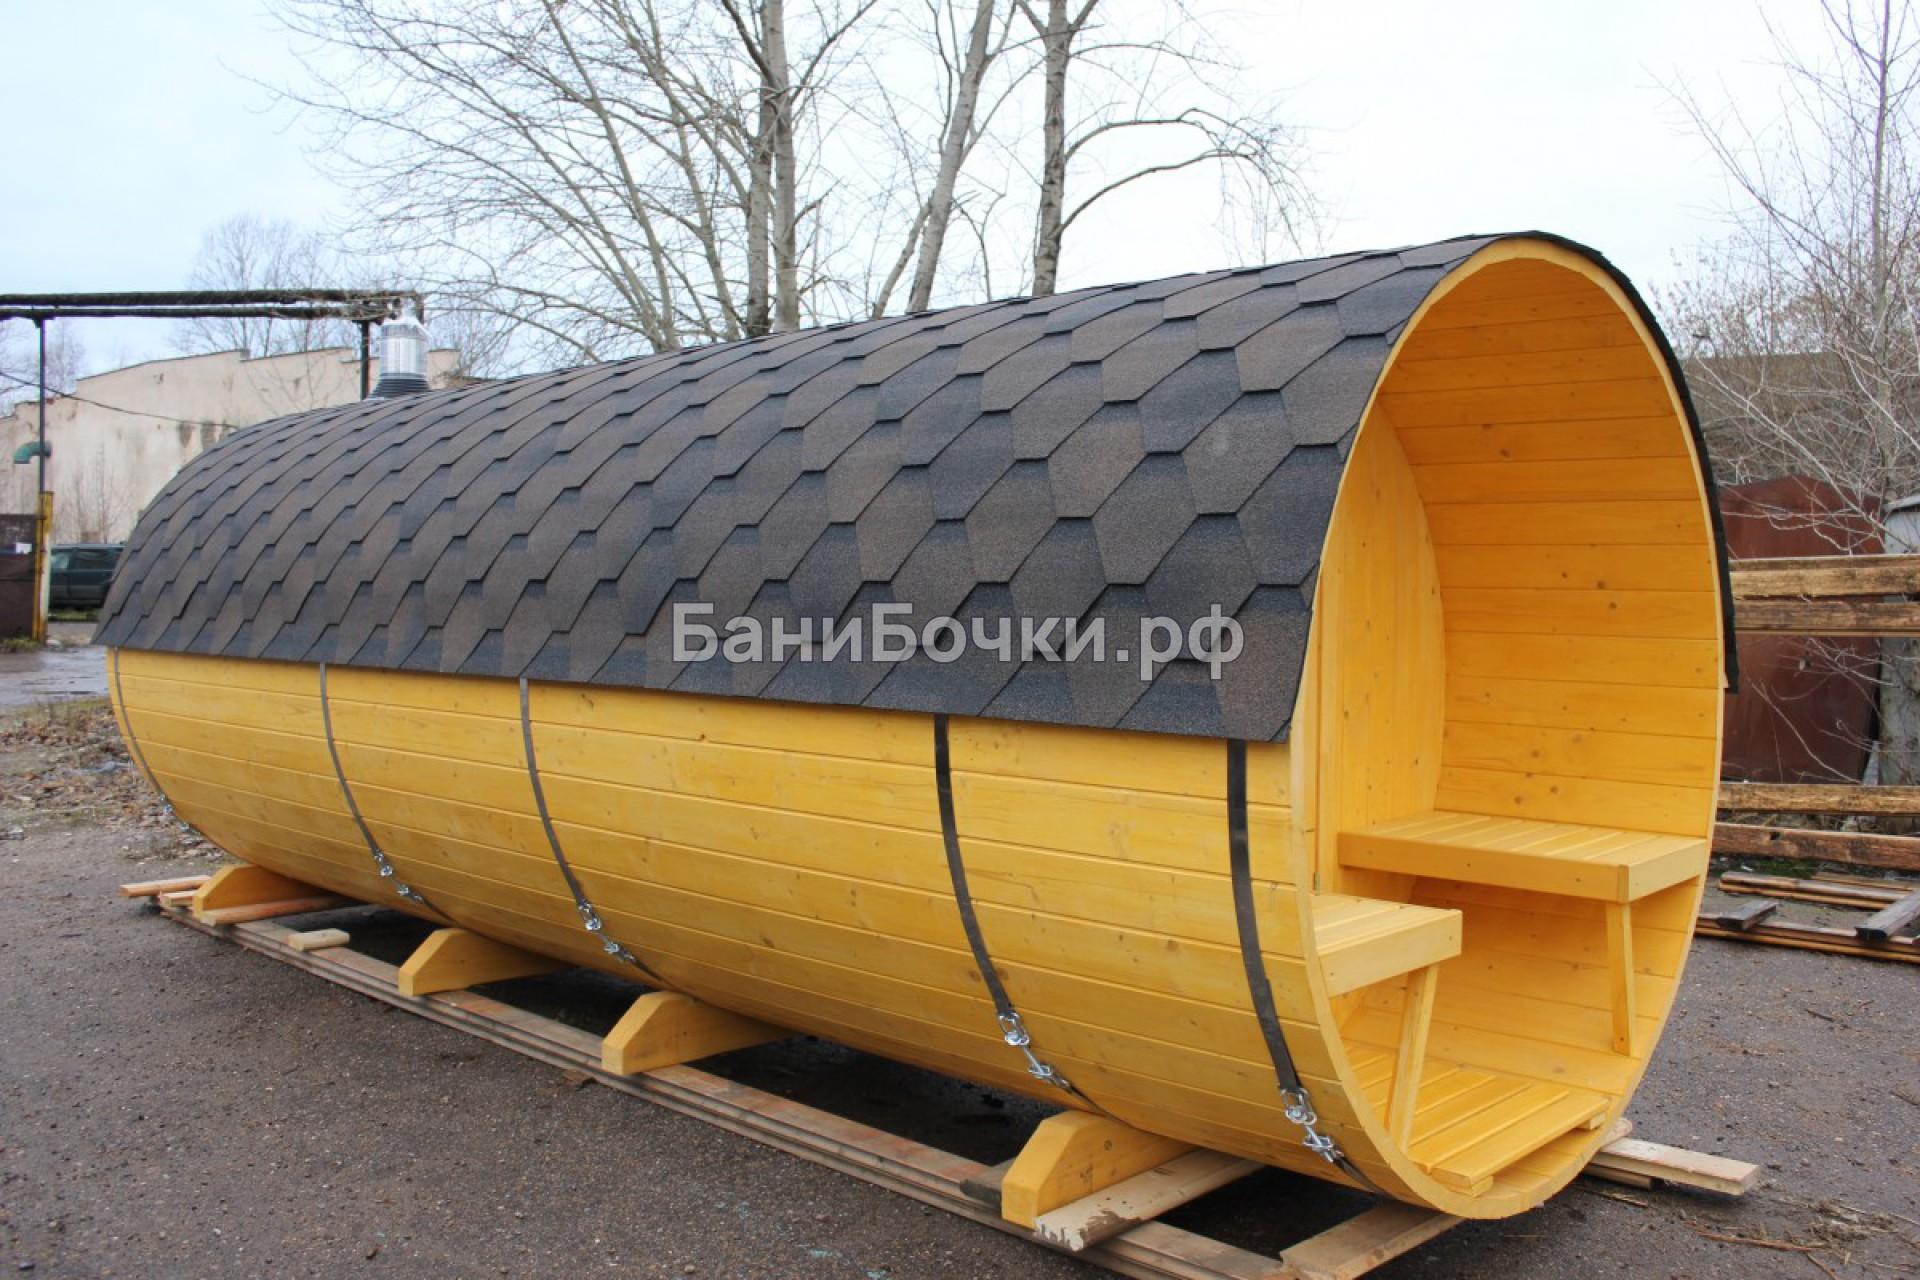 баня бочка в калужской области под ключ цена